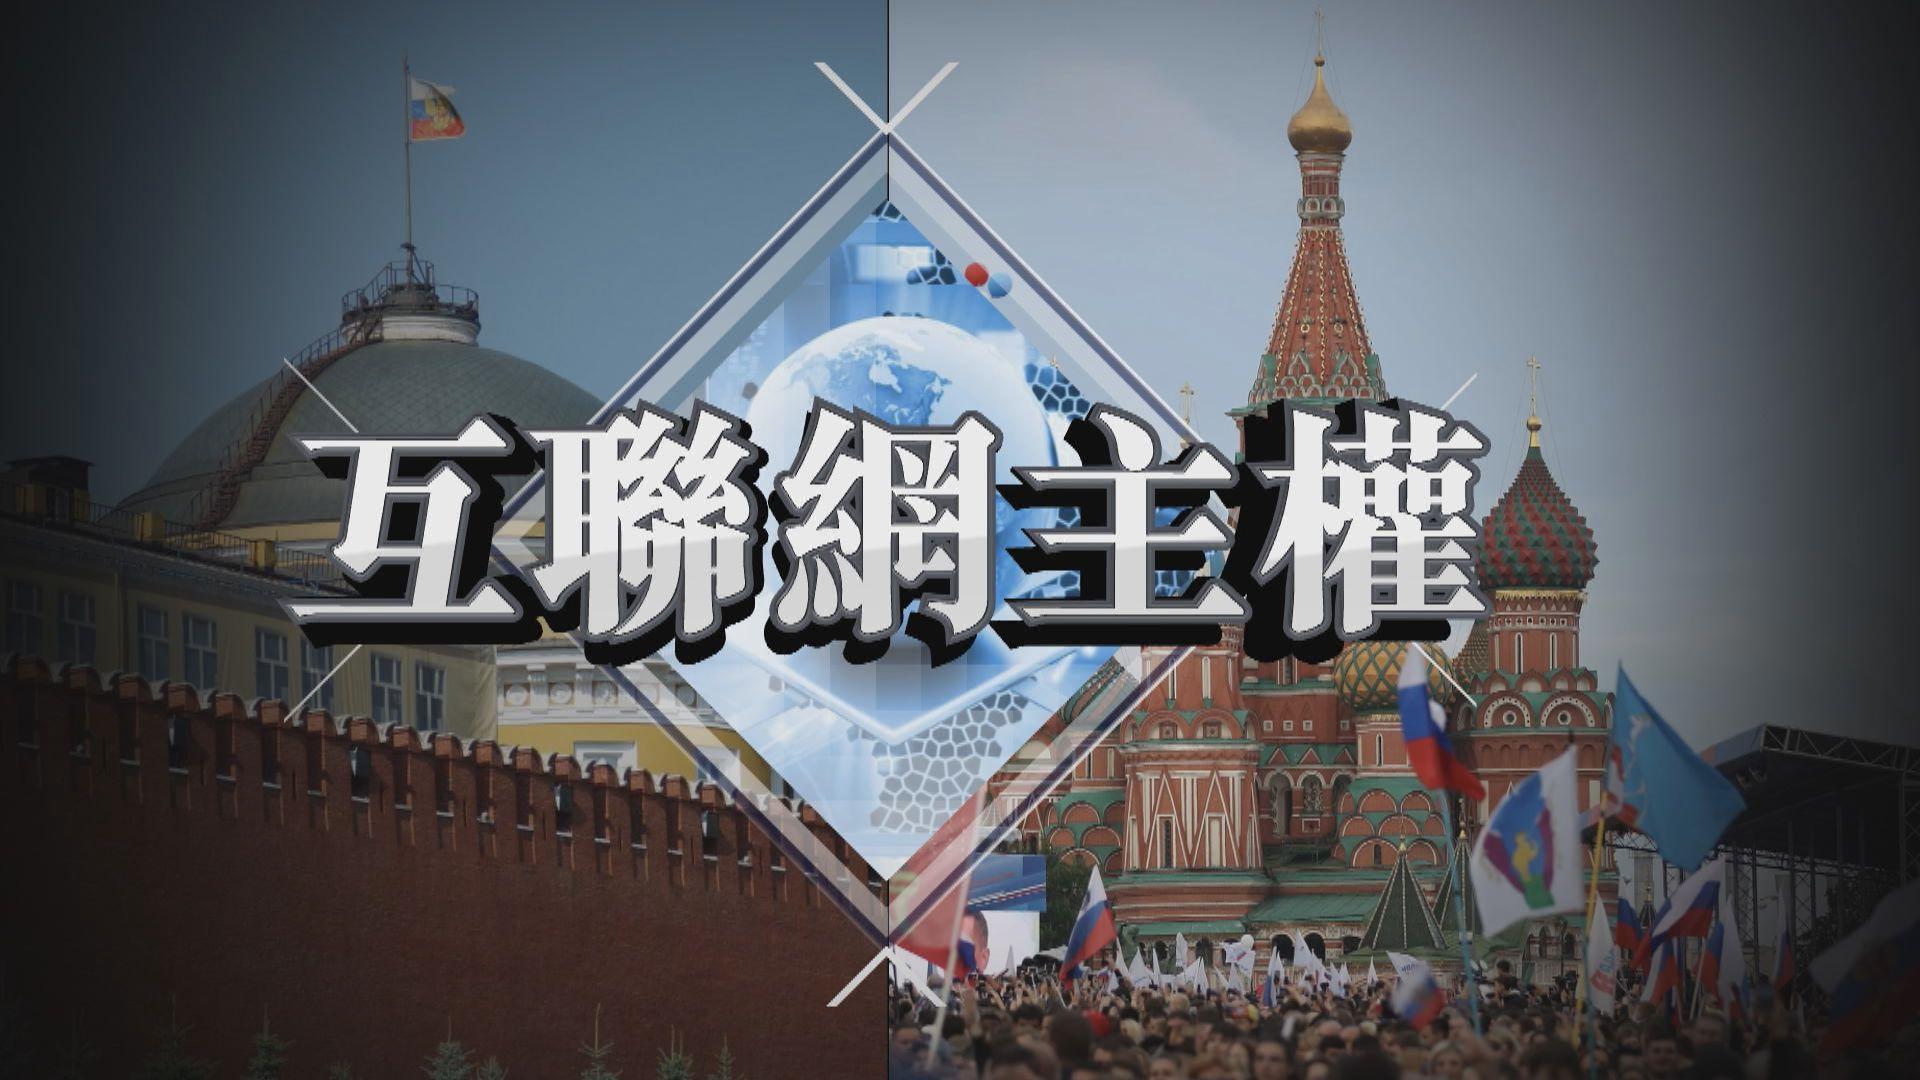 【新聞智庫】俄羅斯擬建網絡邊界 互聯網不再全球互聯?